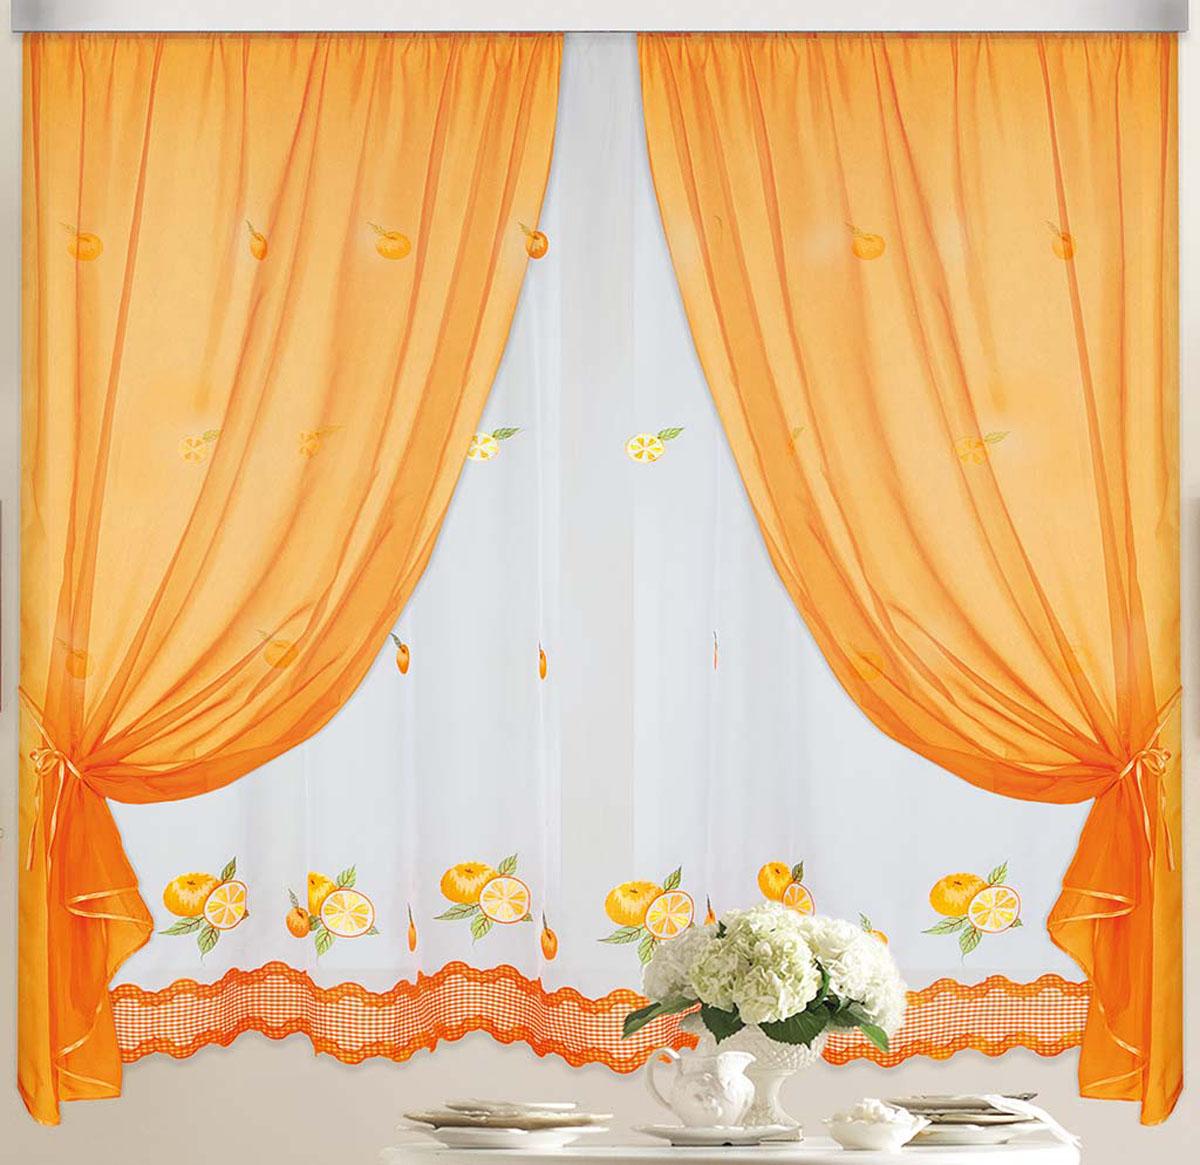 Штора Апельсин, на ленте, цвет: белый, оранжевый, высота 170 смSVC-300Вуалевое полотно с вышивкой. Стирка не более 30 градусов